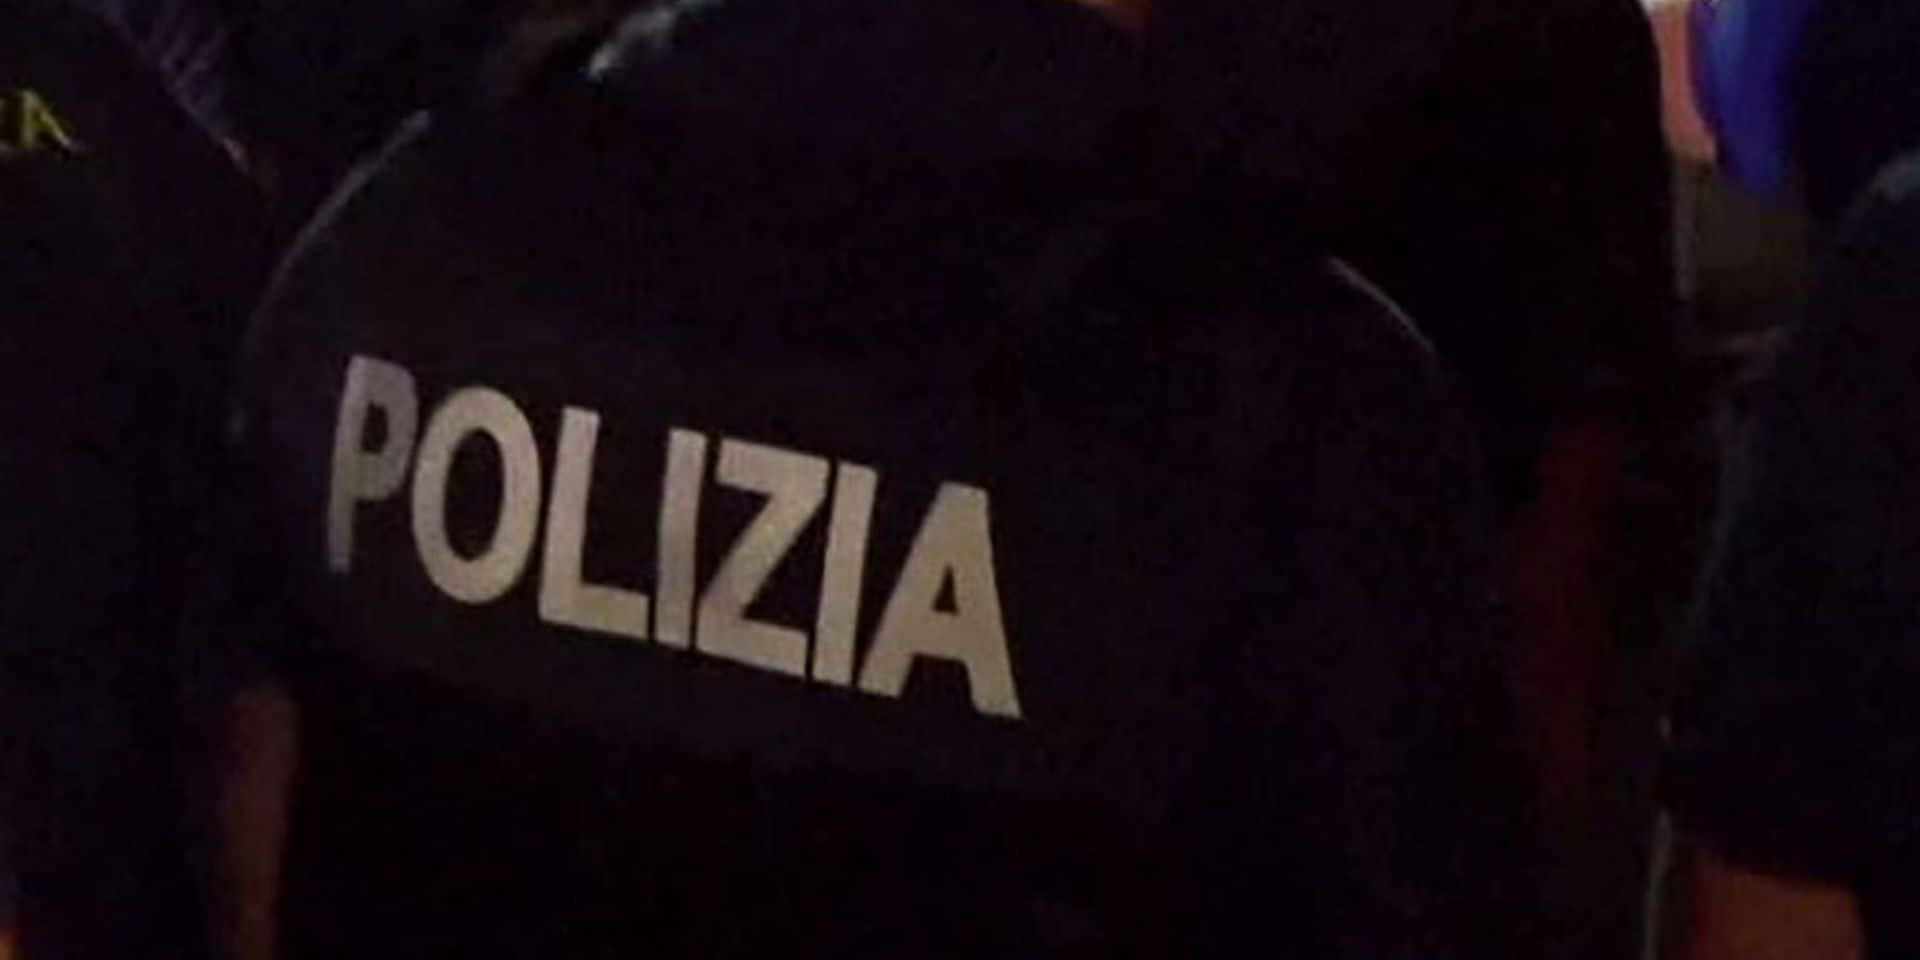 La police italienne interpelle près de 50 mafieux et porte un coup à la jeune génération